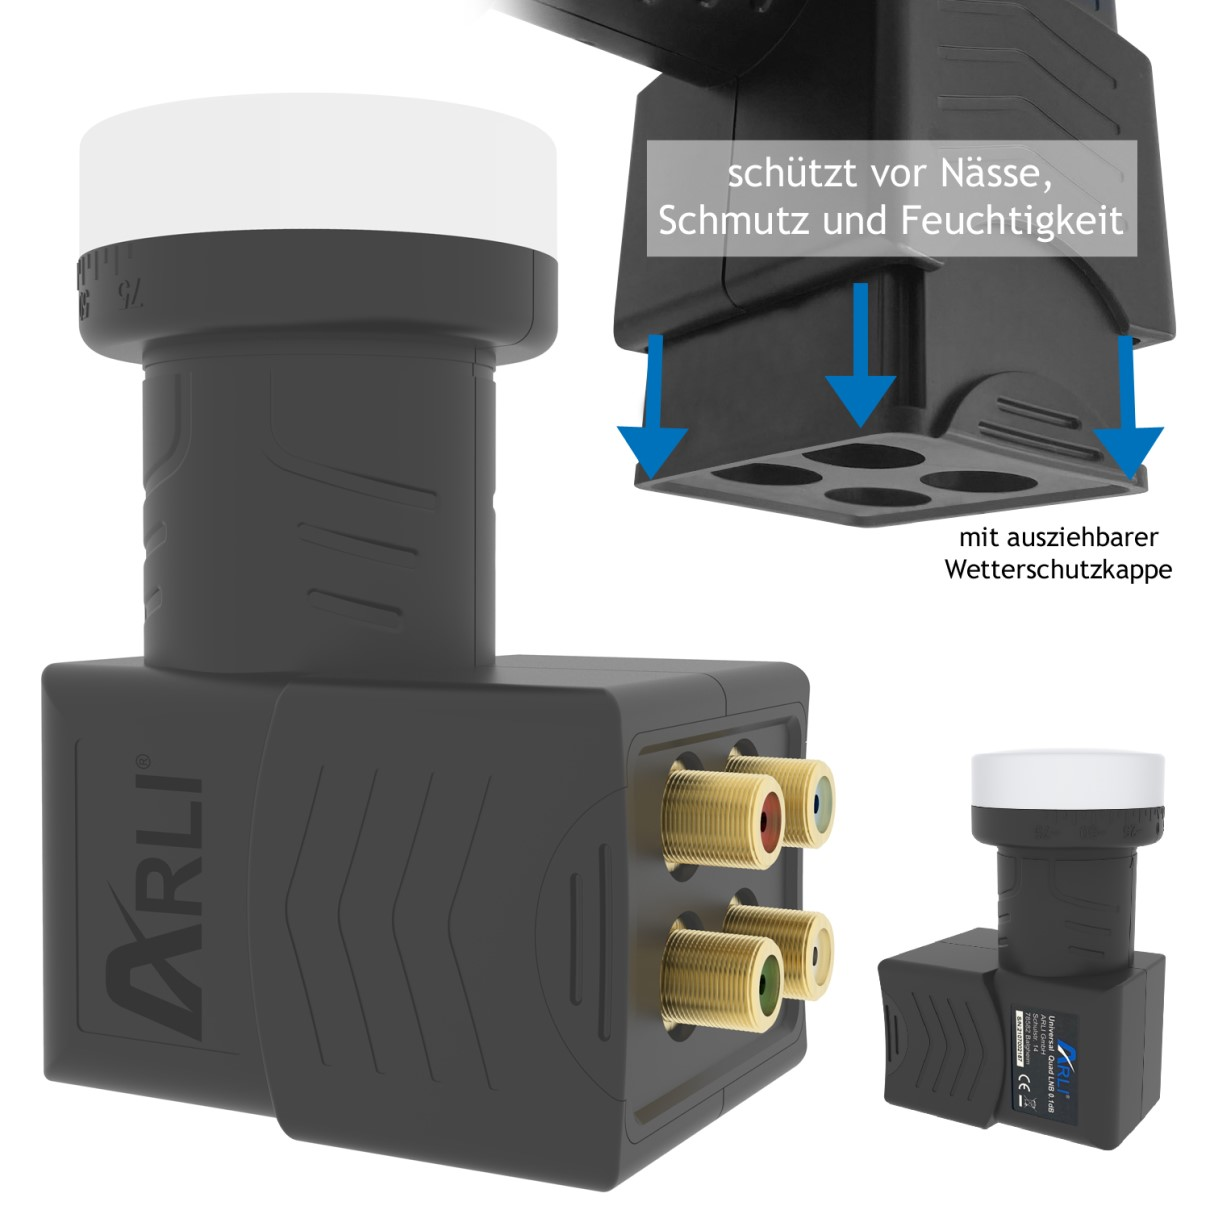 arli satellitensch ssel digital komplett lnb quad 4 teilnehmen 4 fach 4fach lmb single twin. Black Bedroom Furniture Sets. Home Design Ideas